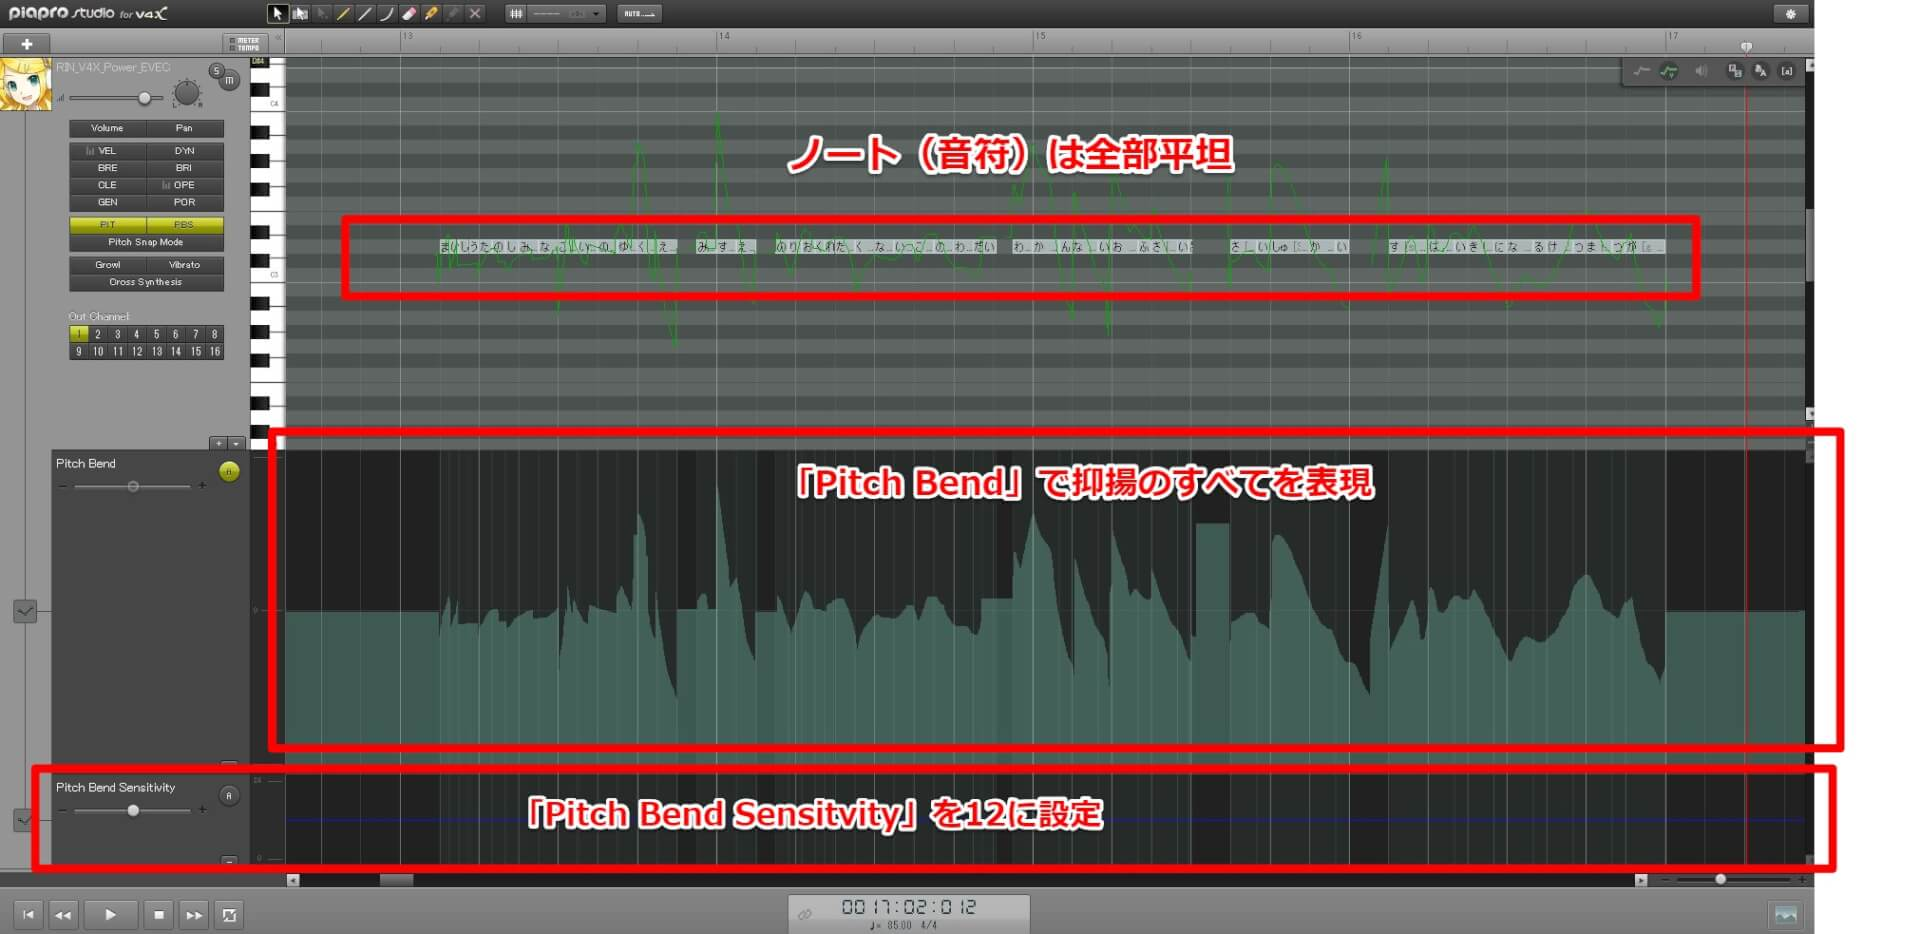 Piapro Studioのスクリーンショット。ノートは平坦で、ピッチベンドをいじっていく